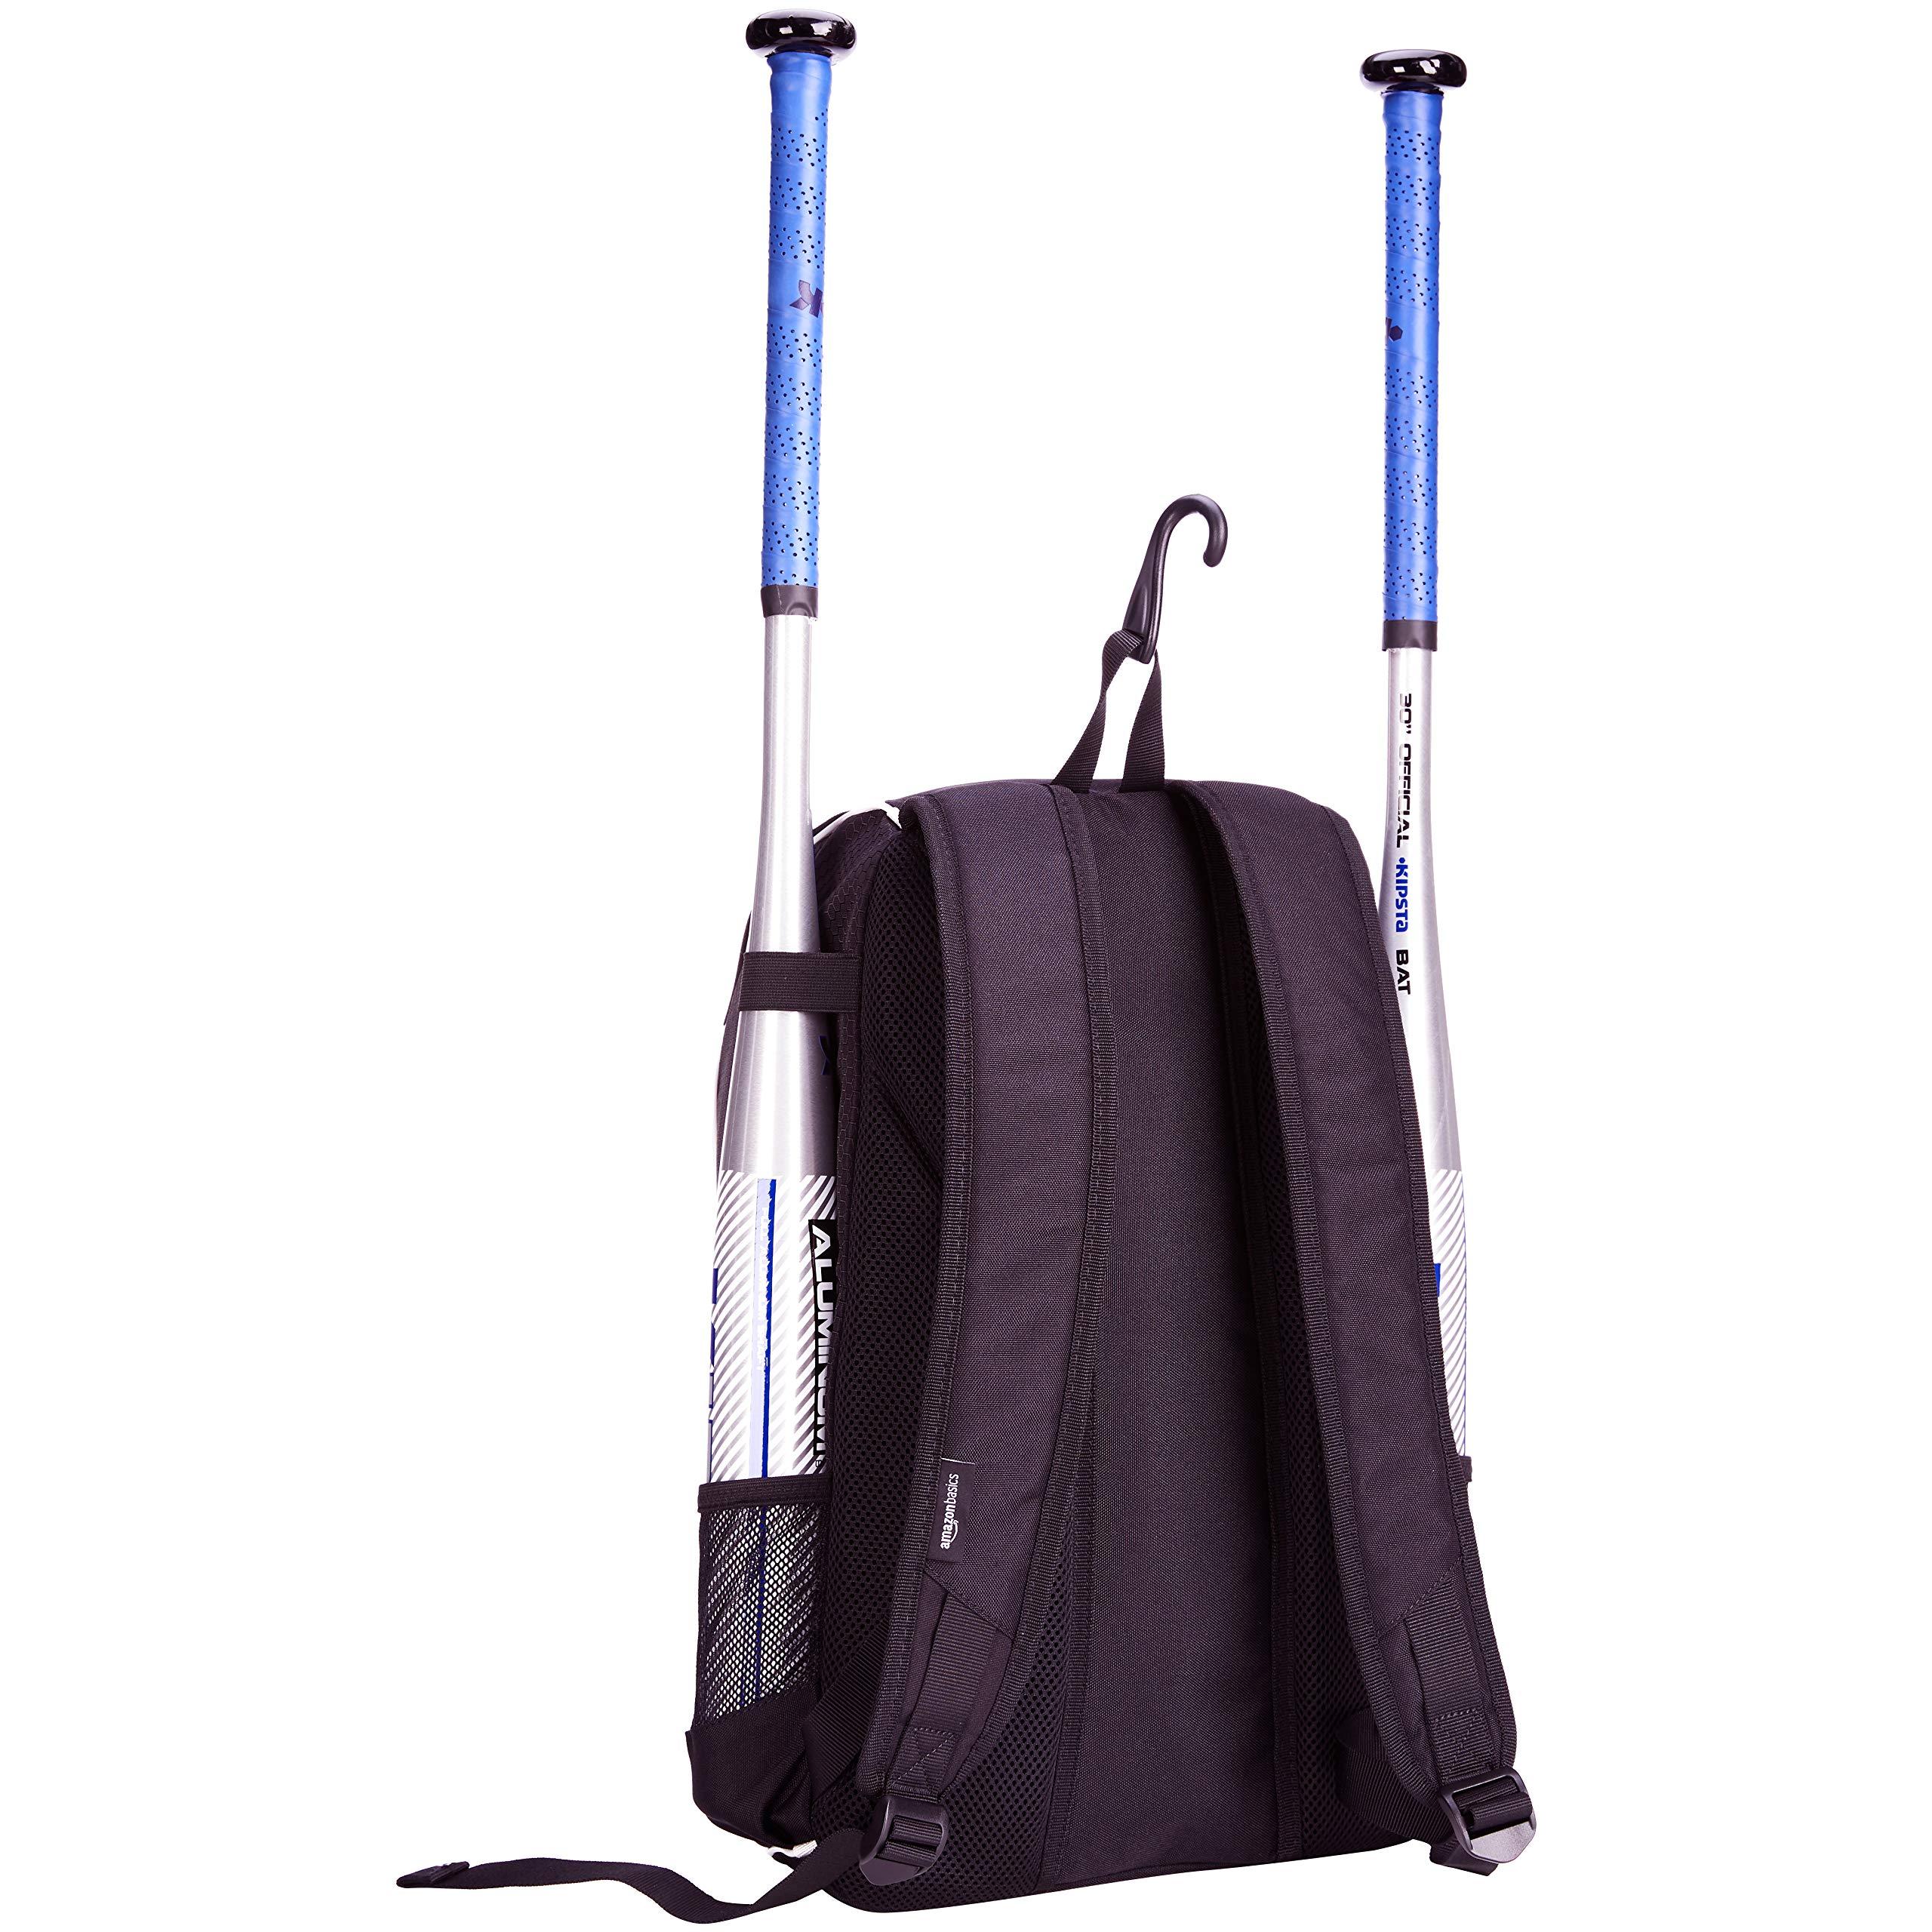 AmazonBasics Youth Baseball Equipment Backpack, Pink by AmazonBasics (Image #3)